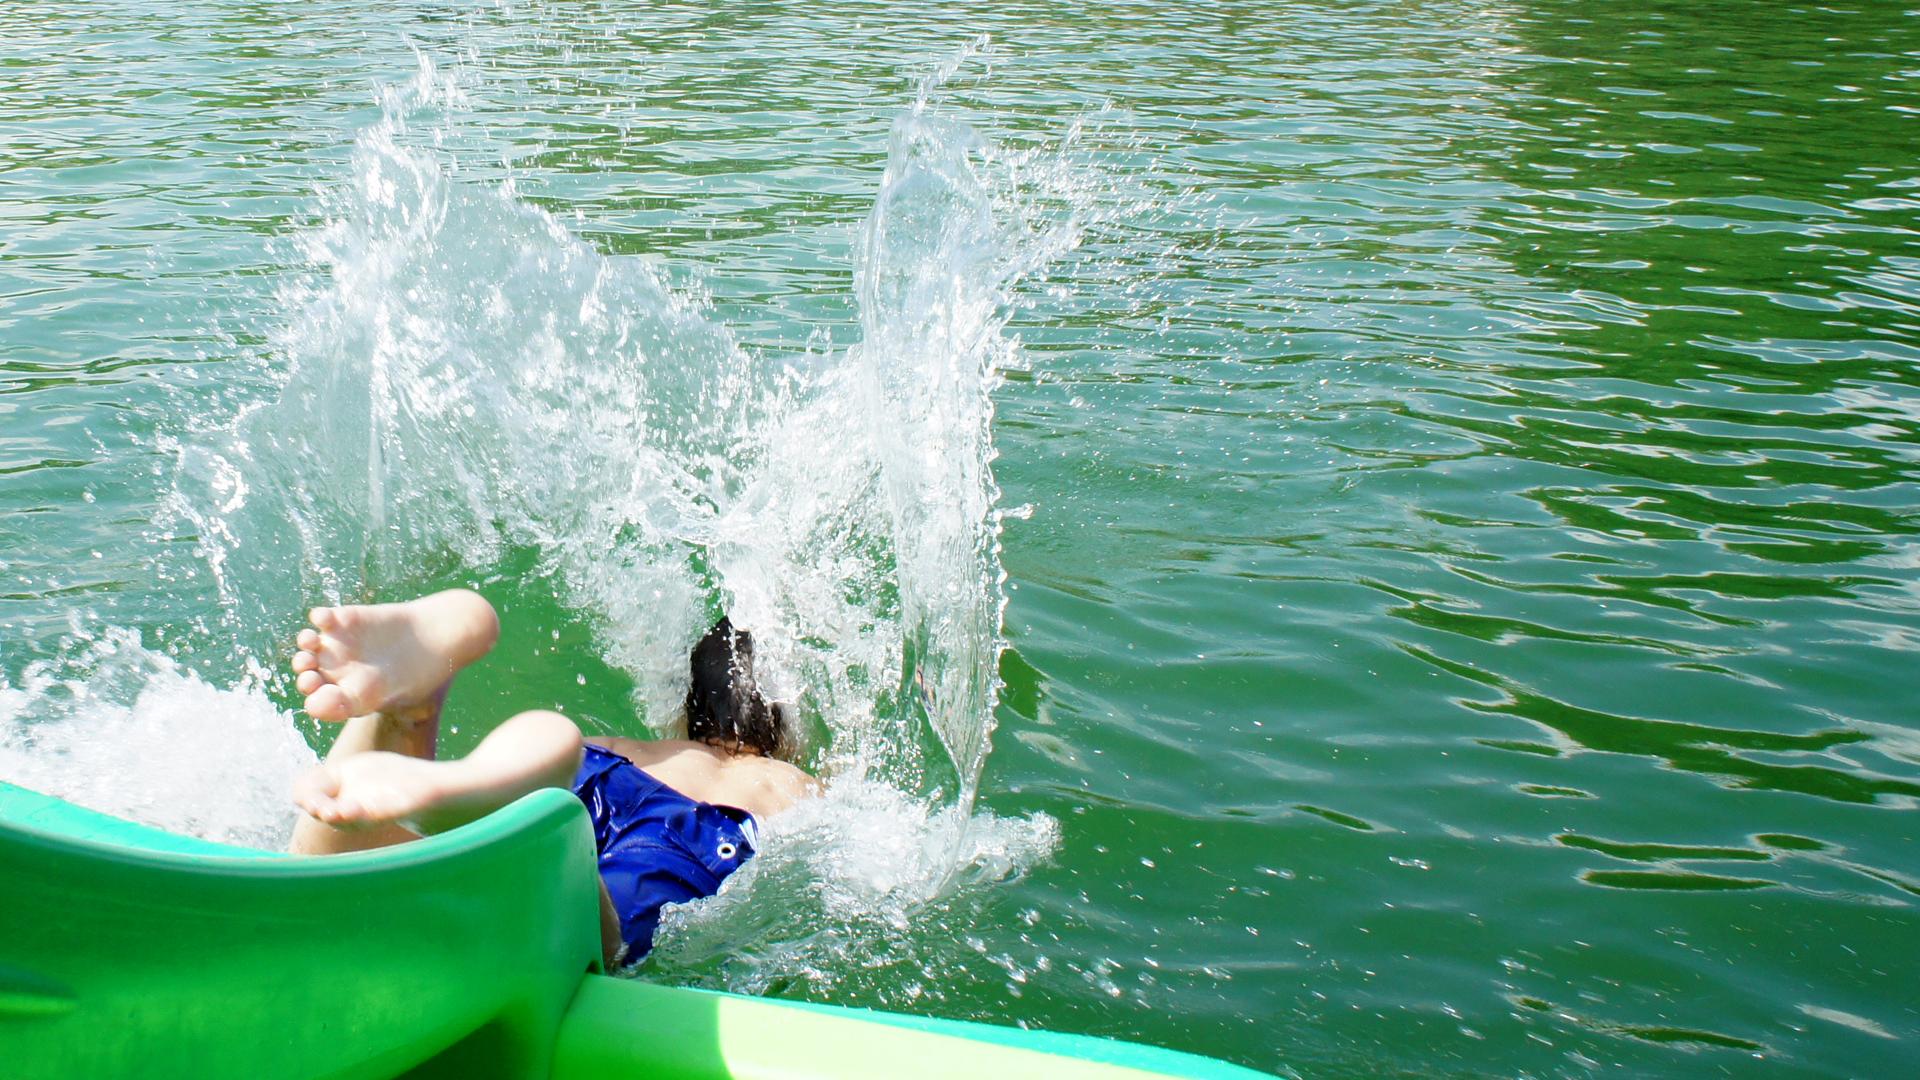 Hallenbad fkk baden Nacktschwimmen und